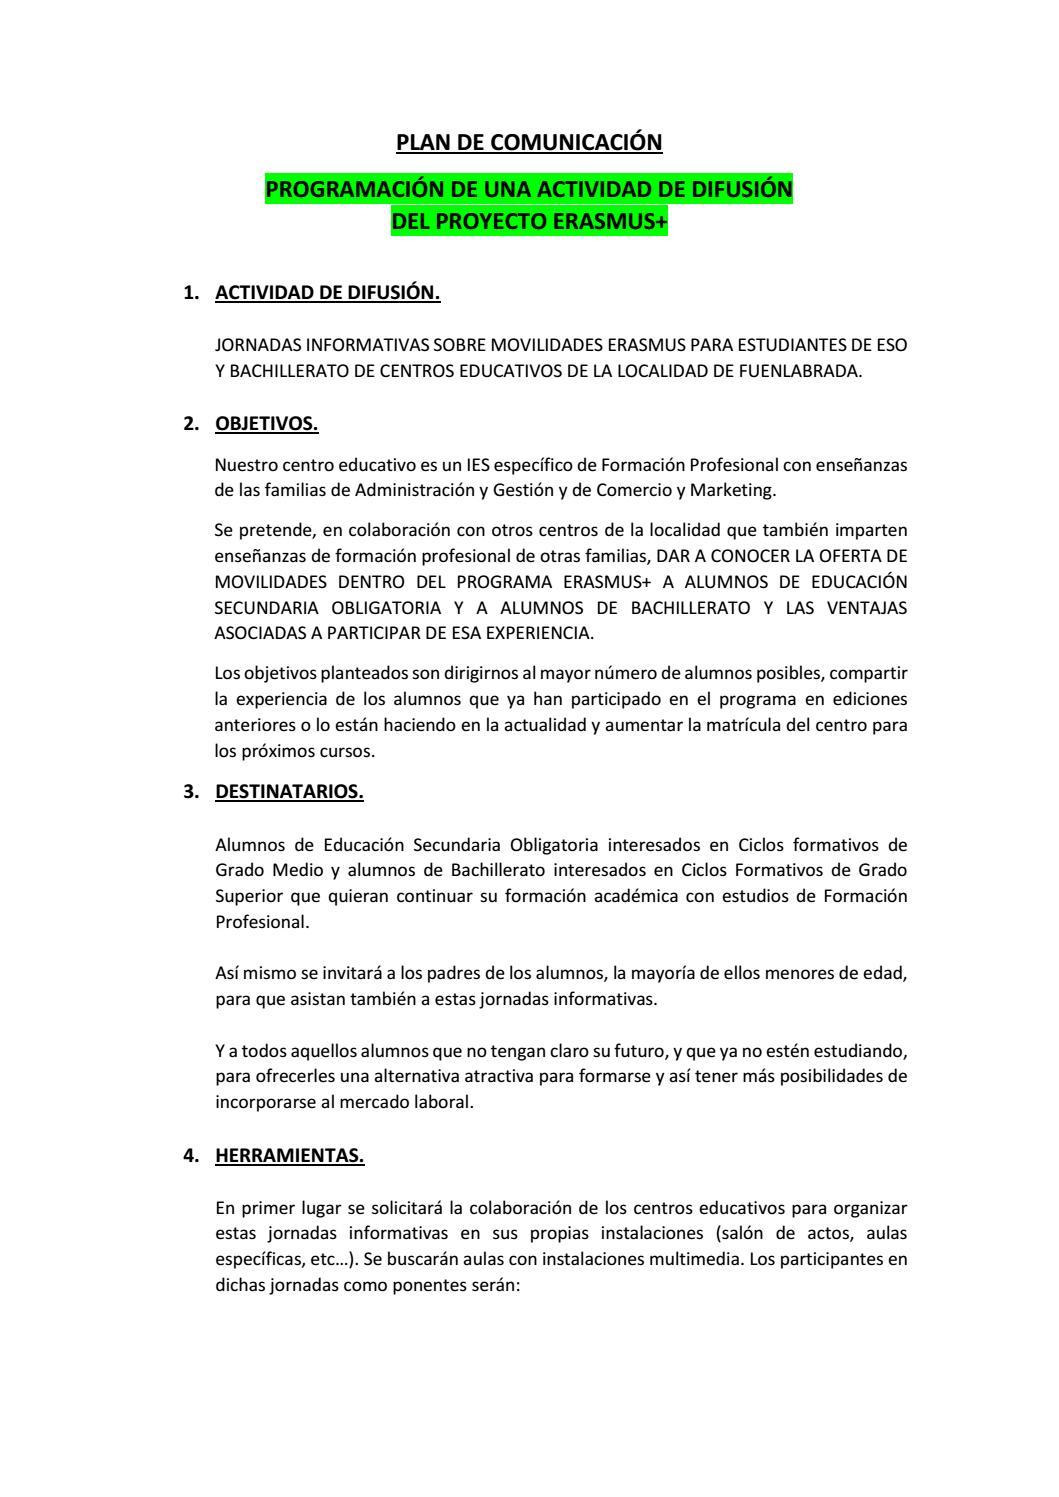 Difusión Proyecto Erasmus En Fuenlabrada By Keycle71 Issuu